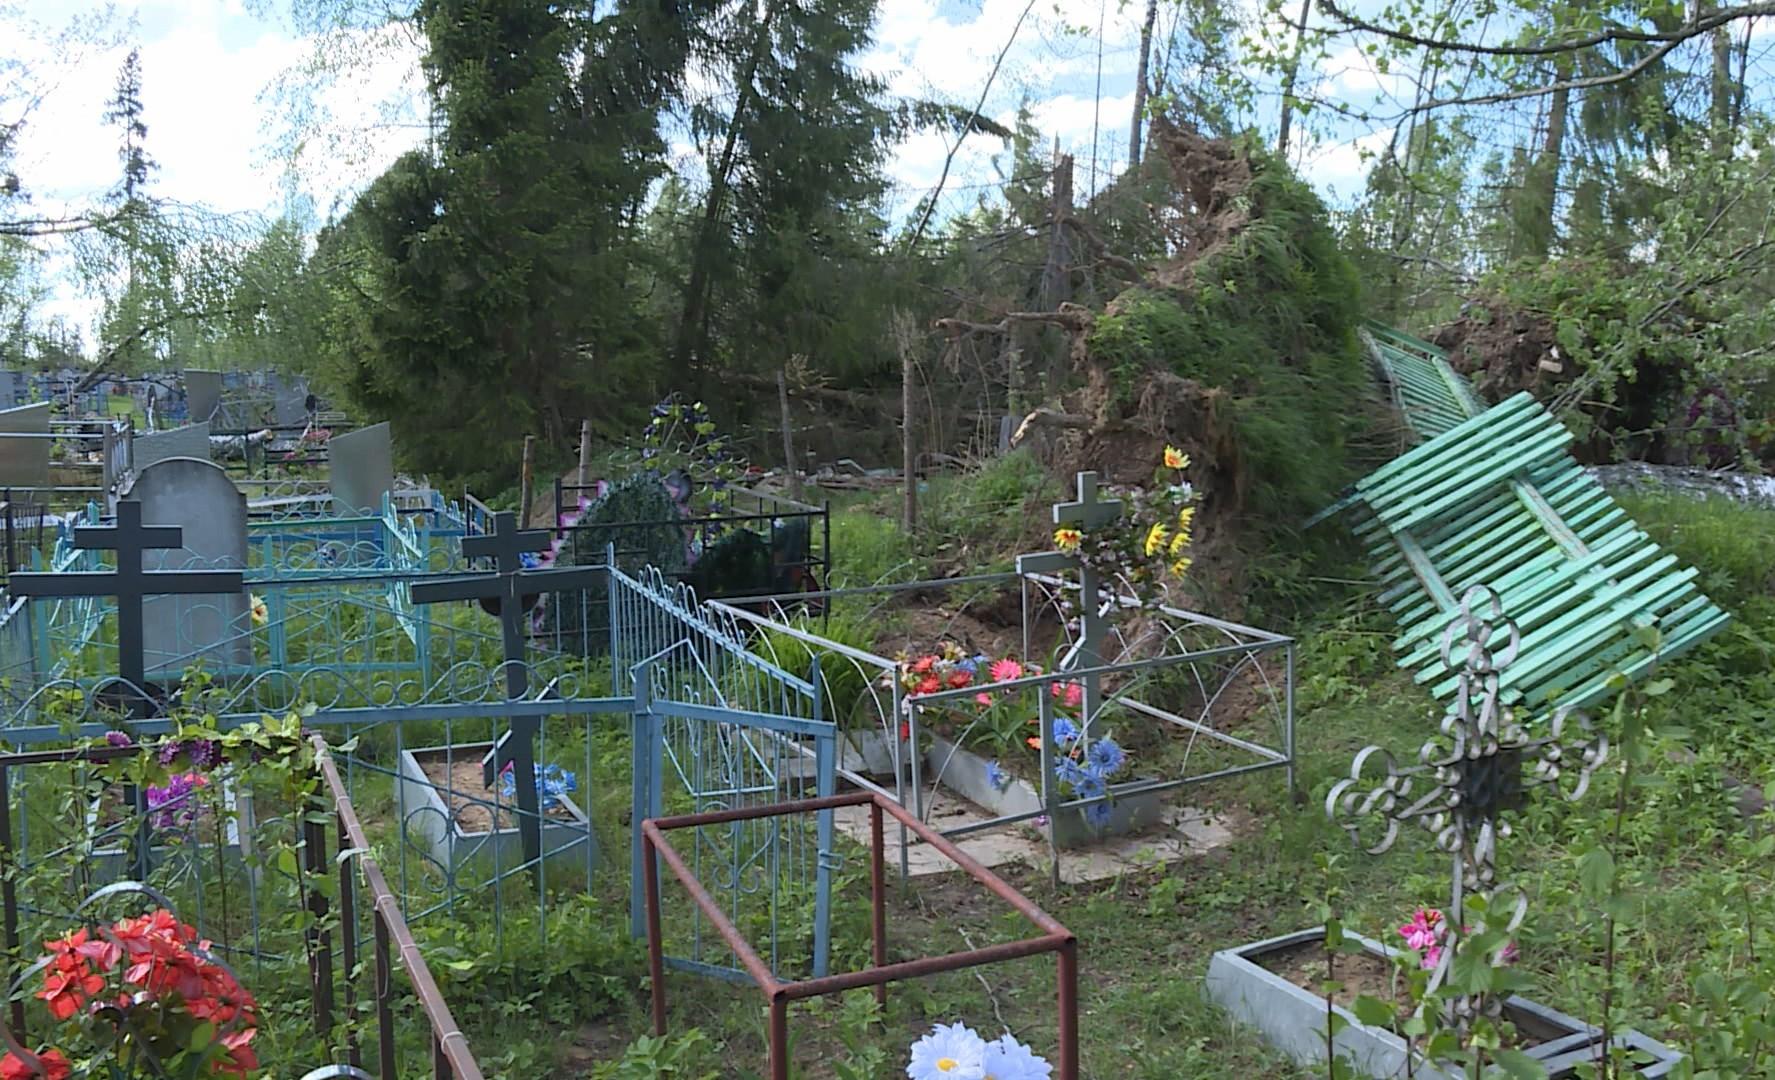 Кладбище в костромской глубинке привели в порядок после урагана